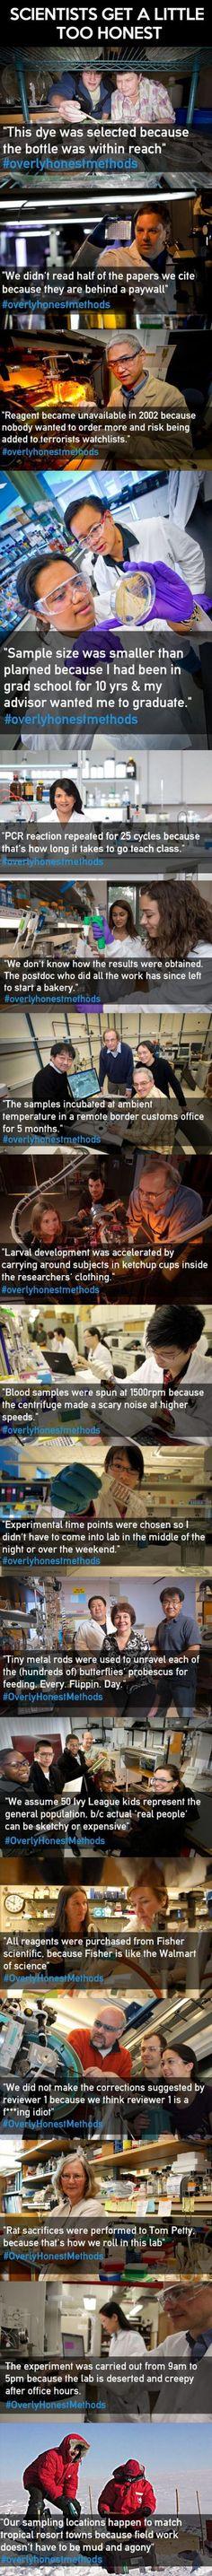 When scientists get a little too honest | ScienceDump